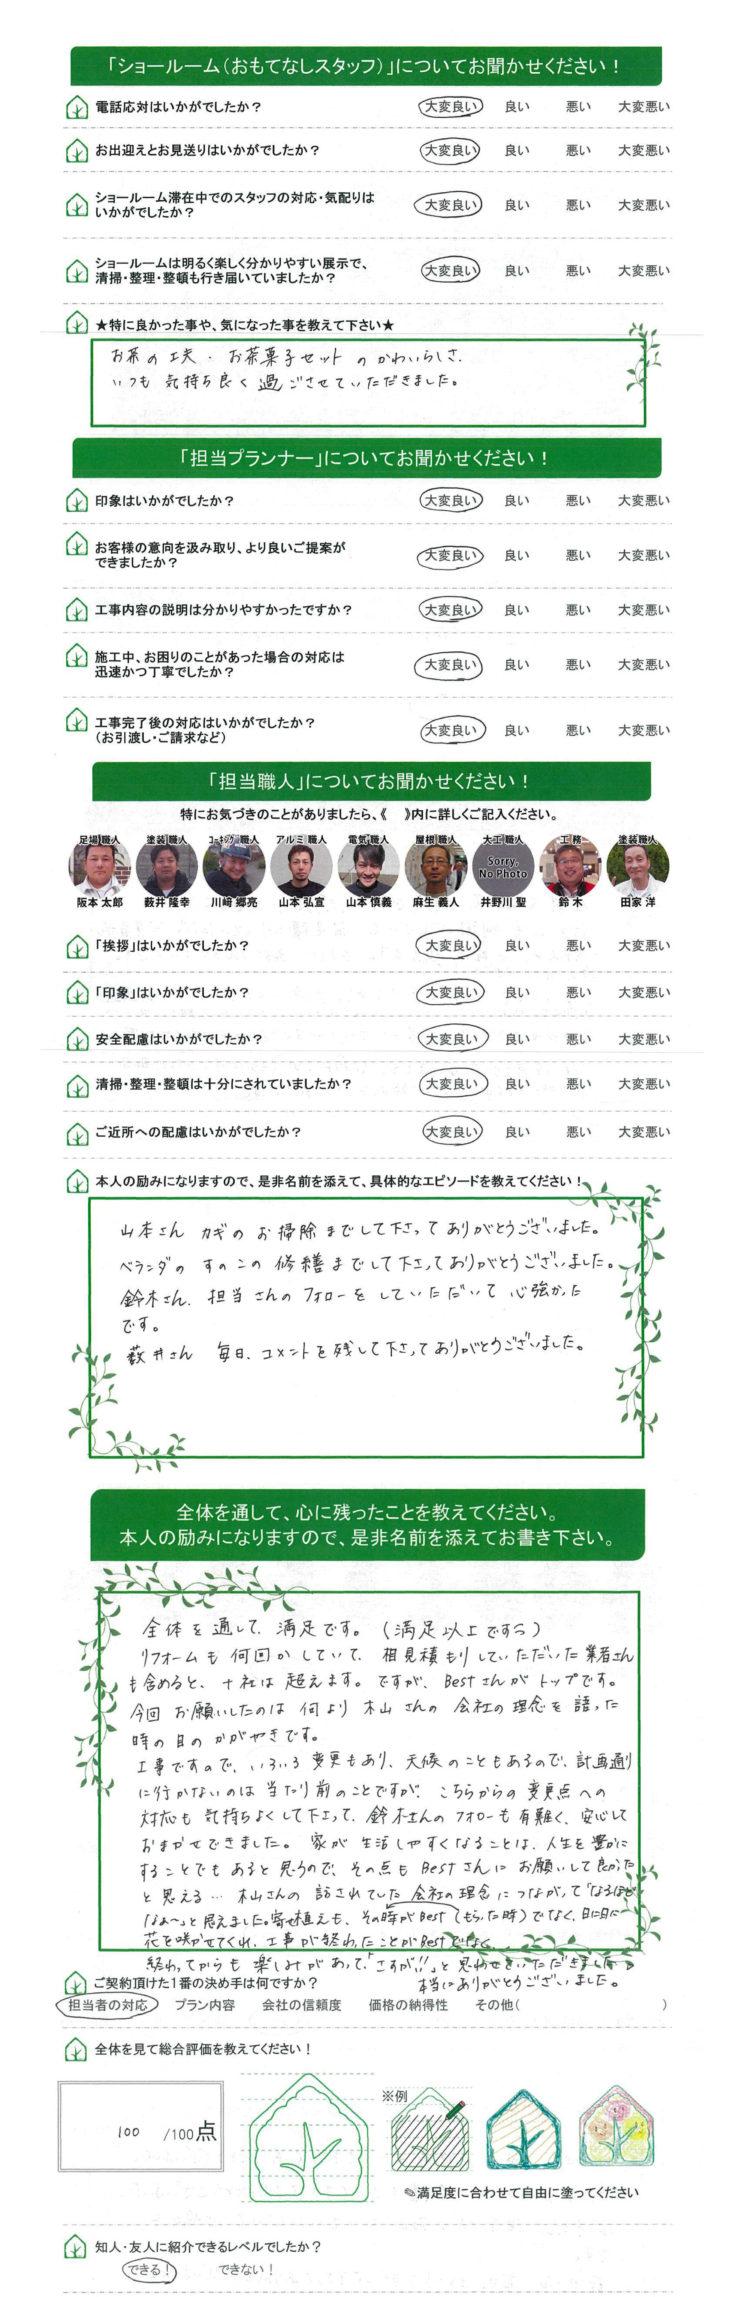 今回お願いしたのは、何より木山さんの会社の理念を語った時の目のかがやきです。